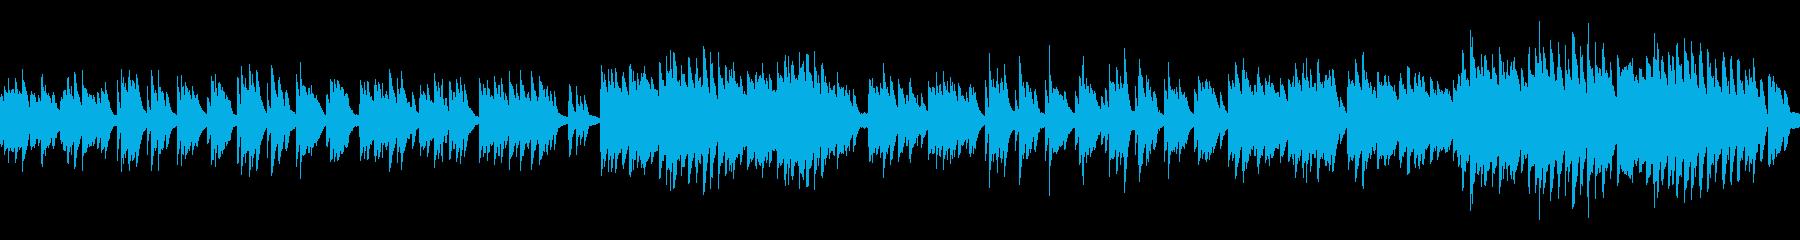 劇伴20C、ノスタルジック、ピアノ・ソロの再生済みの波形